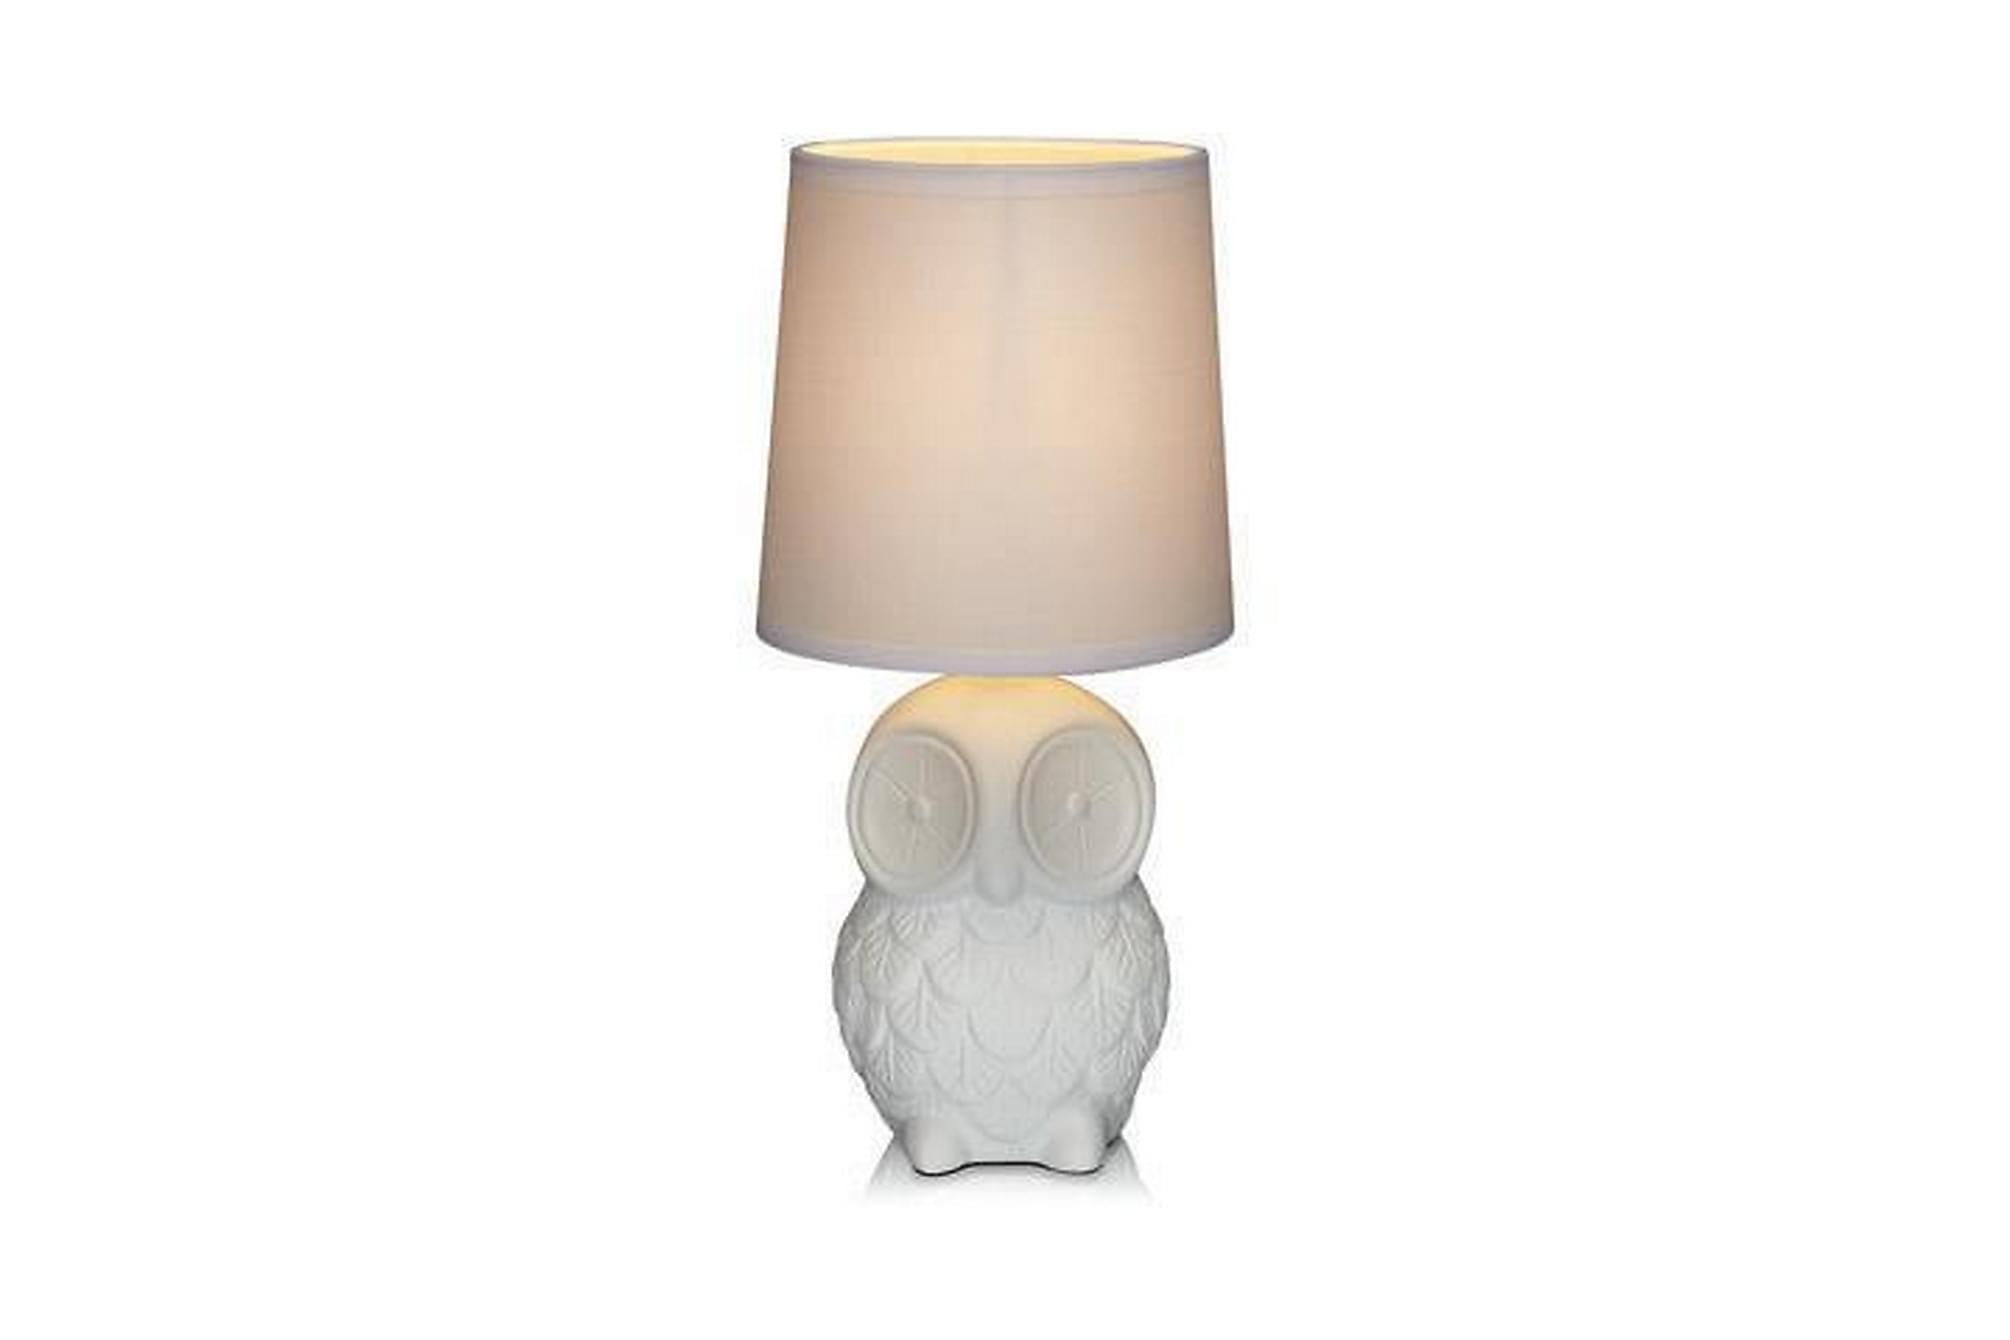 HELGE Lampfot Vit